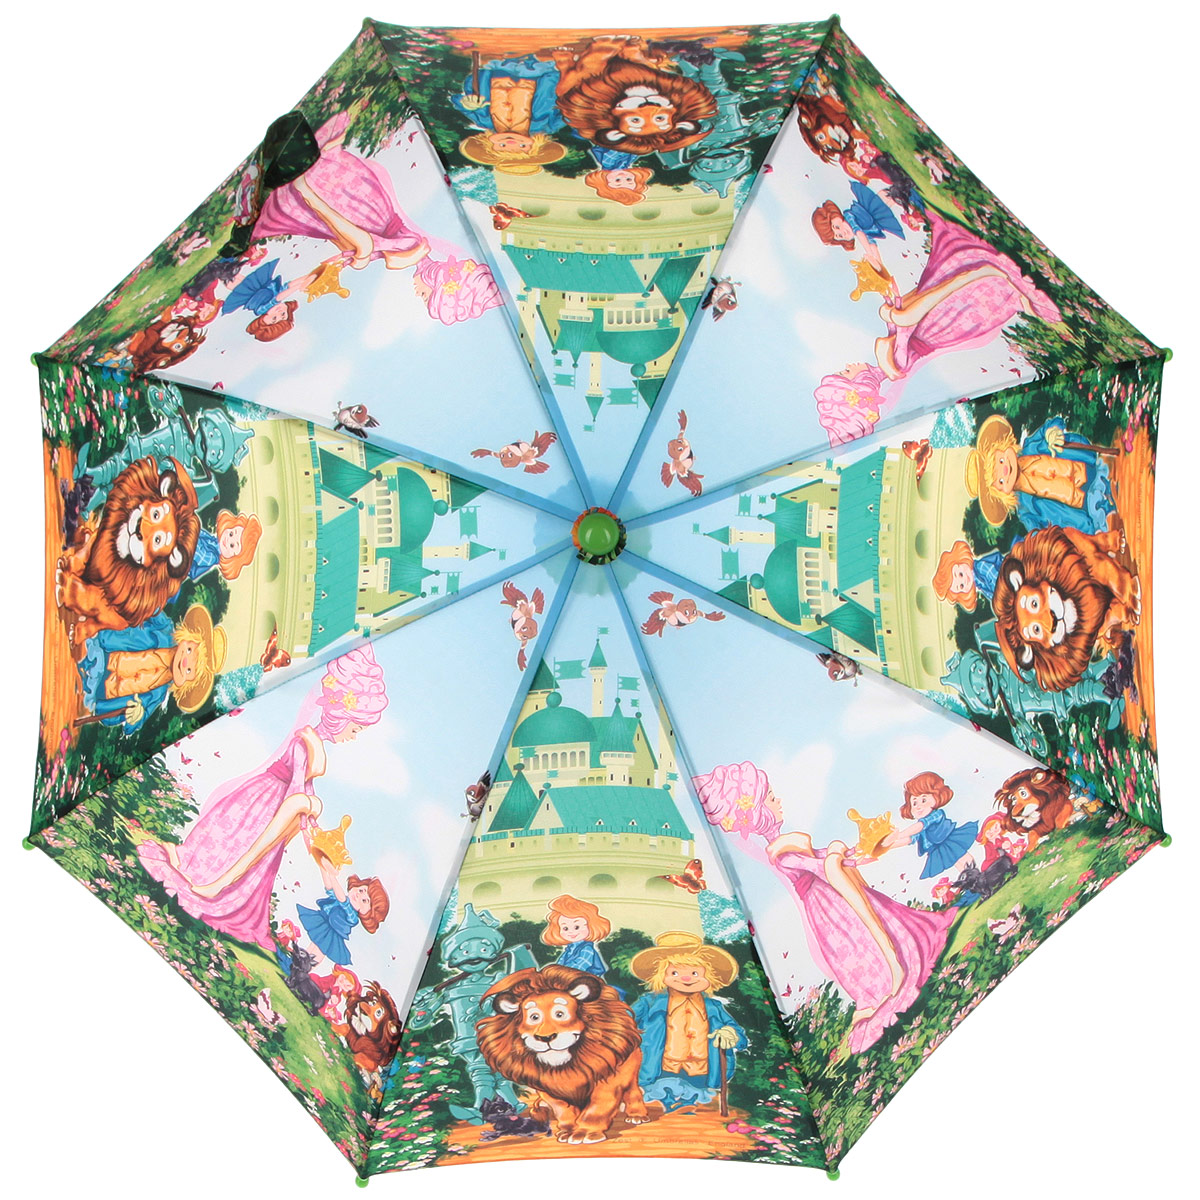 Зонт-трость детский Zest, цвет: голубой, зеленый, мультицвет. 21665-0345102176/33205/7900XКрасочный детский зонт-трость ZEST выполнен из металла и пластика, оформлен принтом с изображениями героев известнейших сказок.Каркас зонта выполнен из восьми спиц, стержень из стали. На концах спиц предусмотрены пластиковые элементы, которые защитят малыша от травм. Купол зонта изготовлен прочного полиэстера. Закрытый купол застегивается на липучку хлястиком. Практичная глянцевая рукоятка закругленной формы разработана с учетом требований эргономики и выполнена из пластика.Зонт имеет полуавтоматический механизм сложения: купол открывается нажатием кнопки на рукоятке, а закрывается вручную до характерного щелчка.Такой зонт не только надежно защитит малыша от дождя, но и станет стильным аксессуаром.